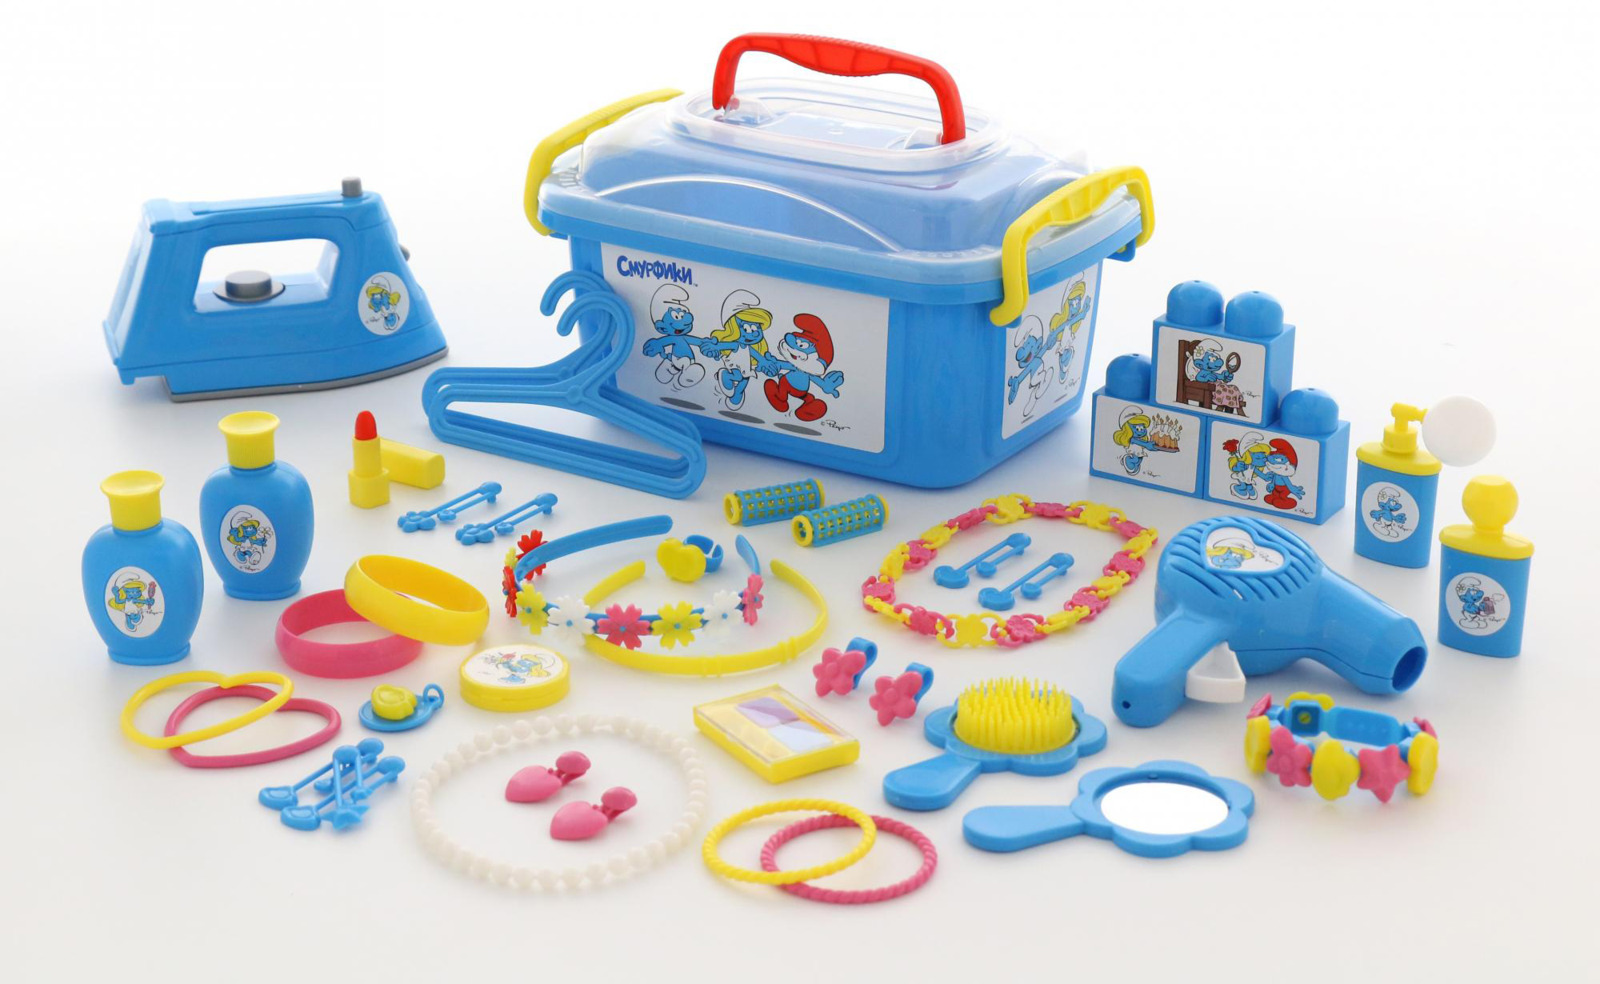 Сюжетно-ролевые игрушки POLESIE Смурфетта